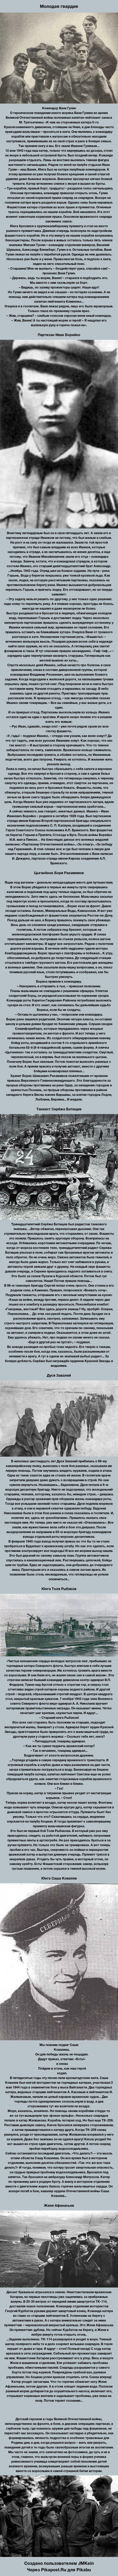 Молодая гвардия Дети, Герои, Чтобы помнили, Вторая мировая война, Великая отечественная война, Молодая гвардия, История, Длиннопост